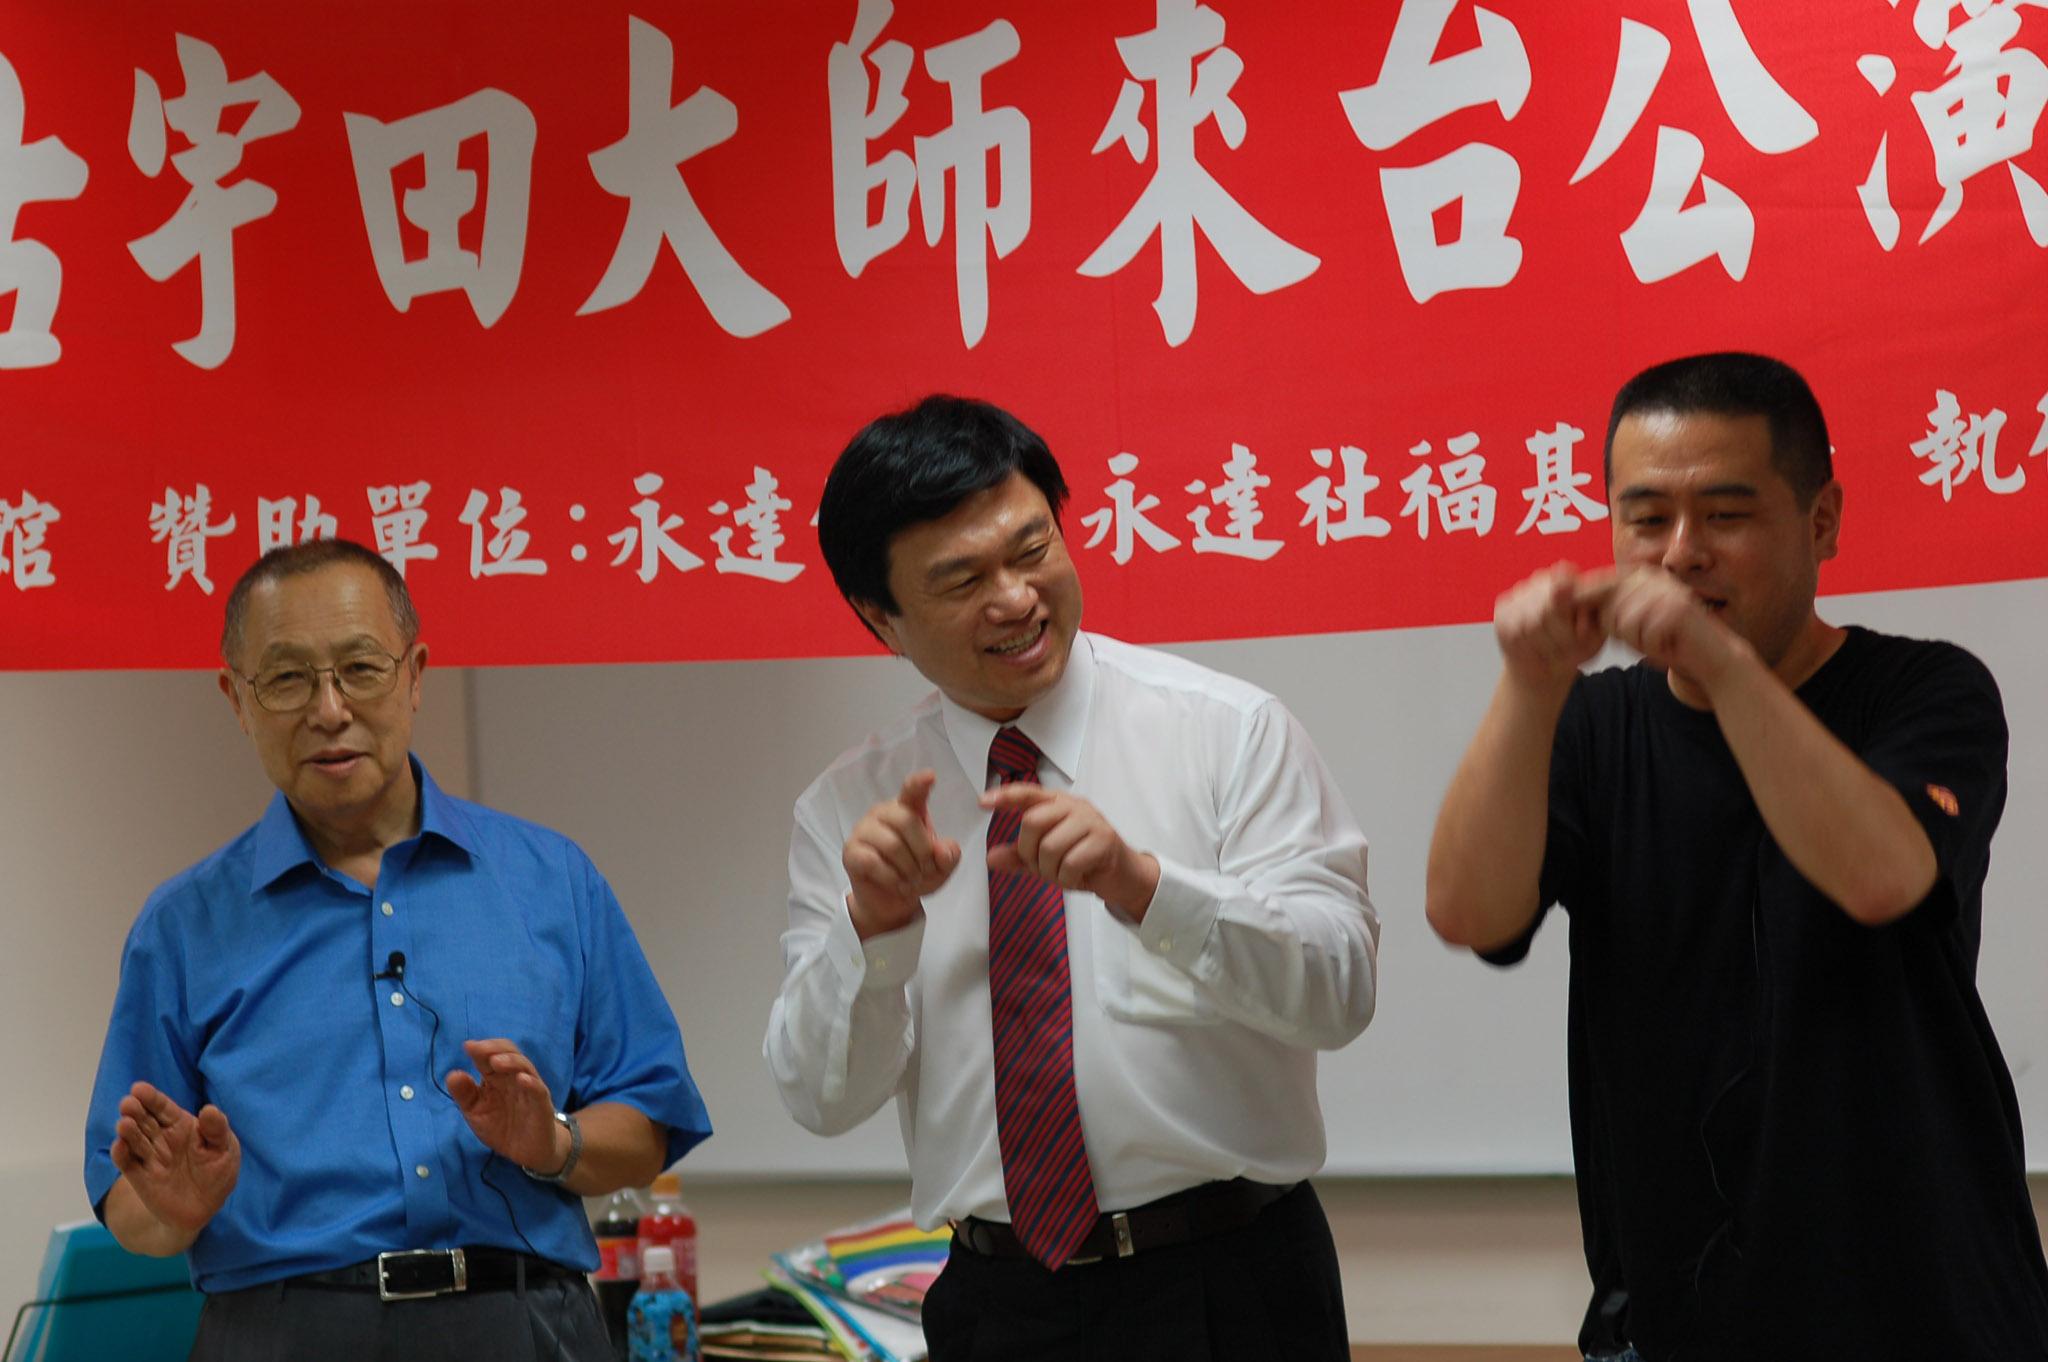 永達保經吳文永董事長(中)與古宇田亮順大師 (左)一同進行帶動唱表演。